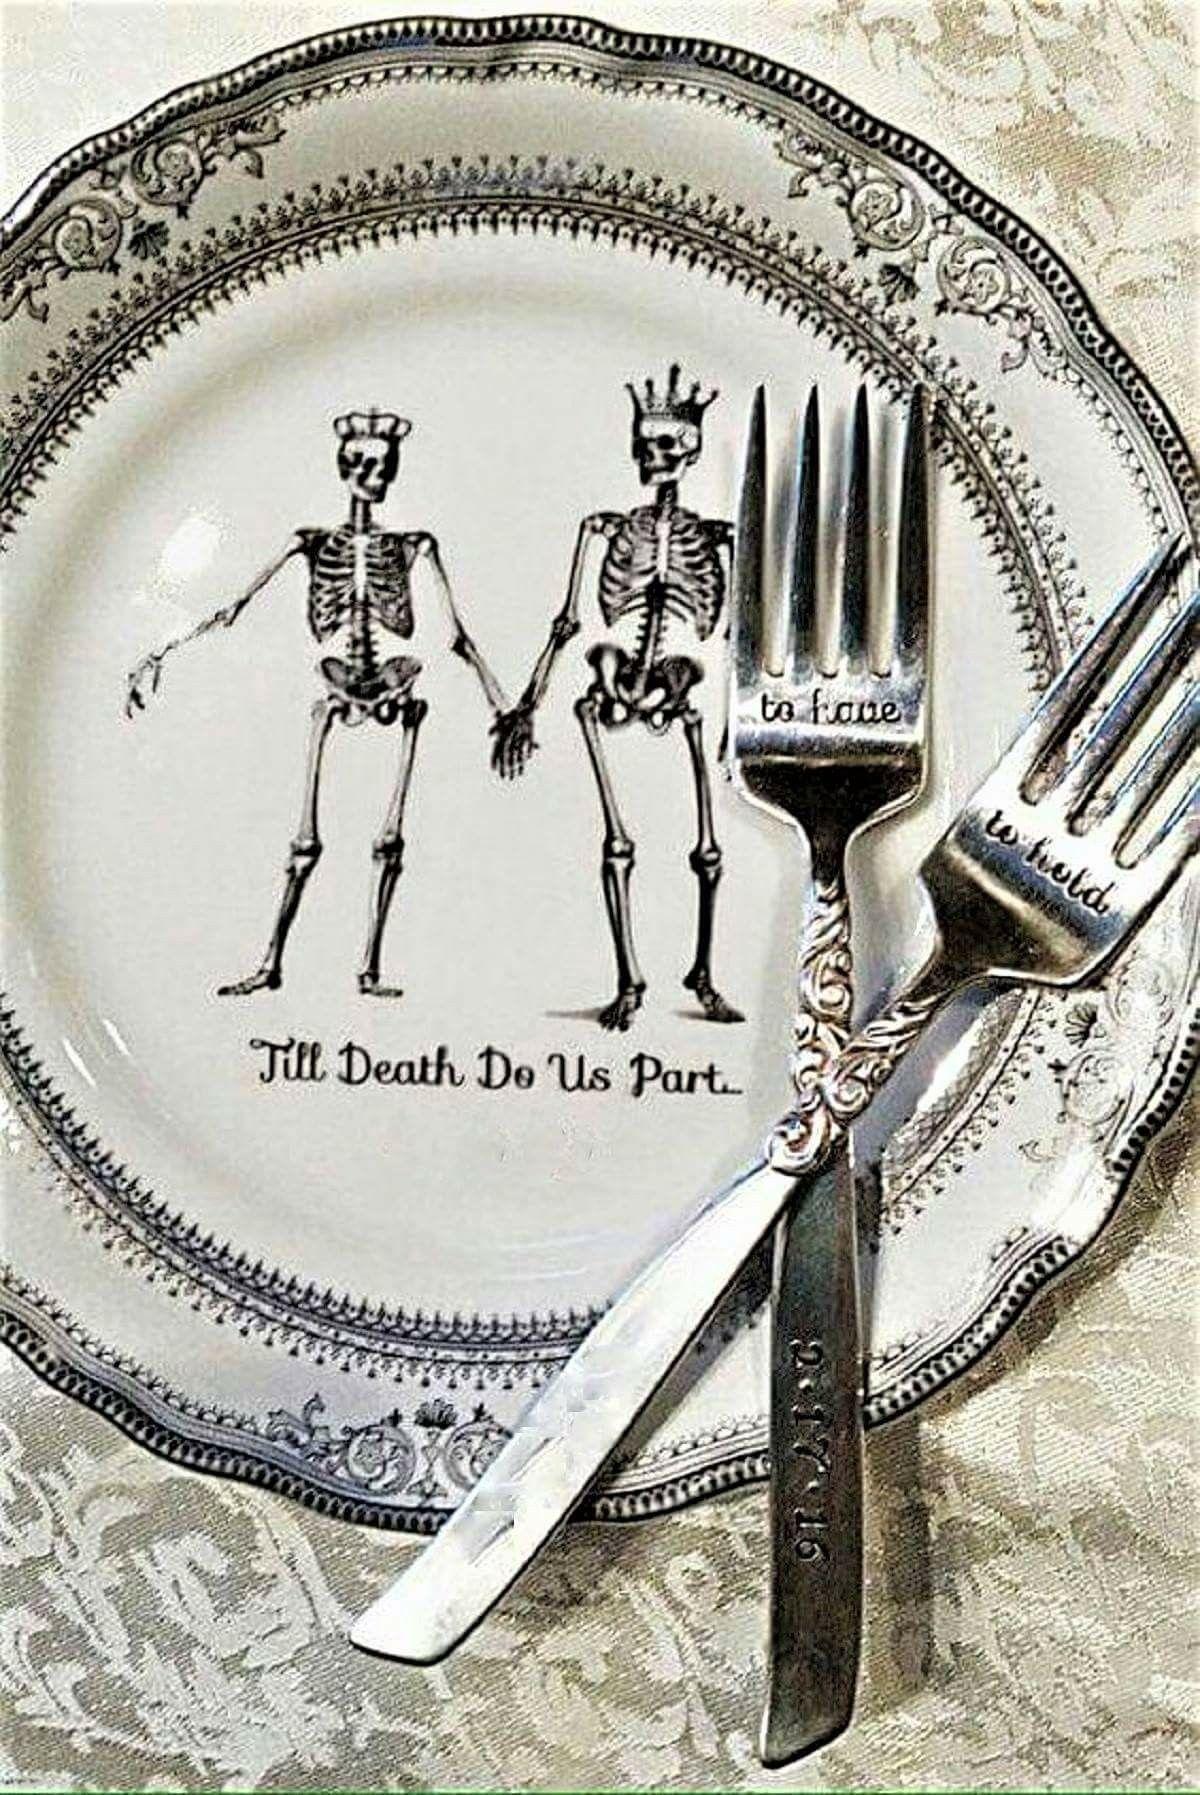 Pin by Sheri Elliott on Our Home   Pinterest   Skeletons, Wedding ...